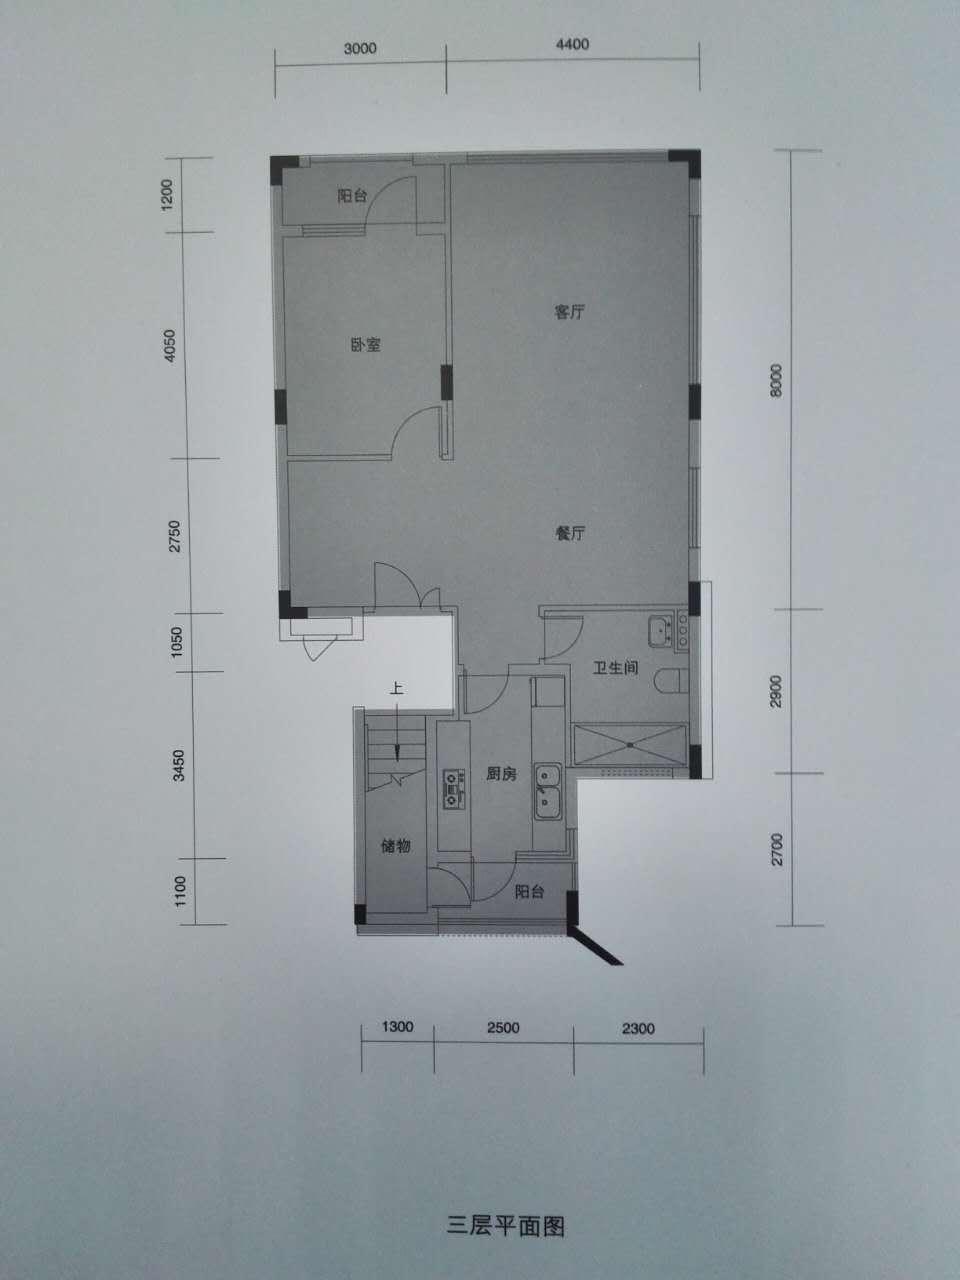 1212米三层别墅图纸